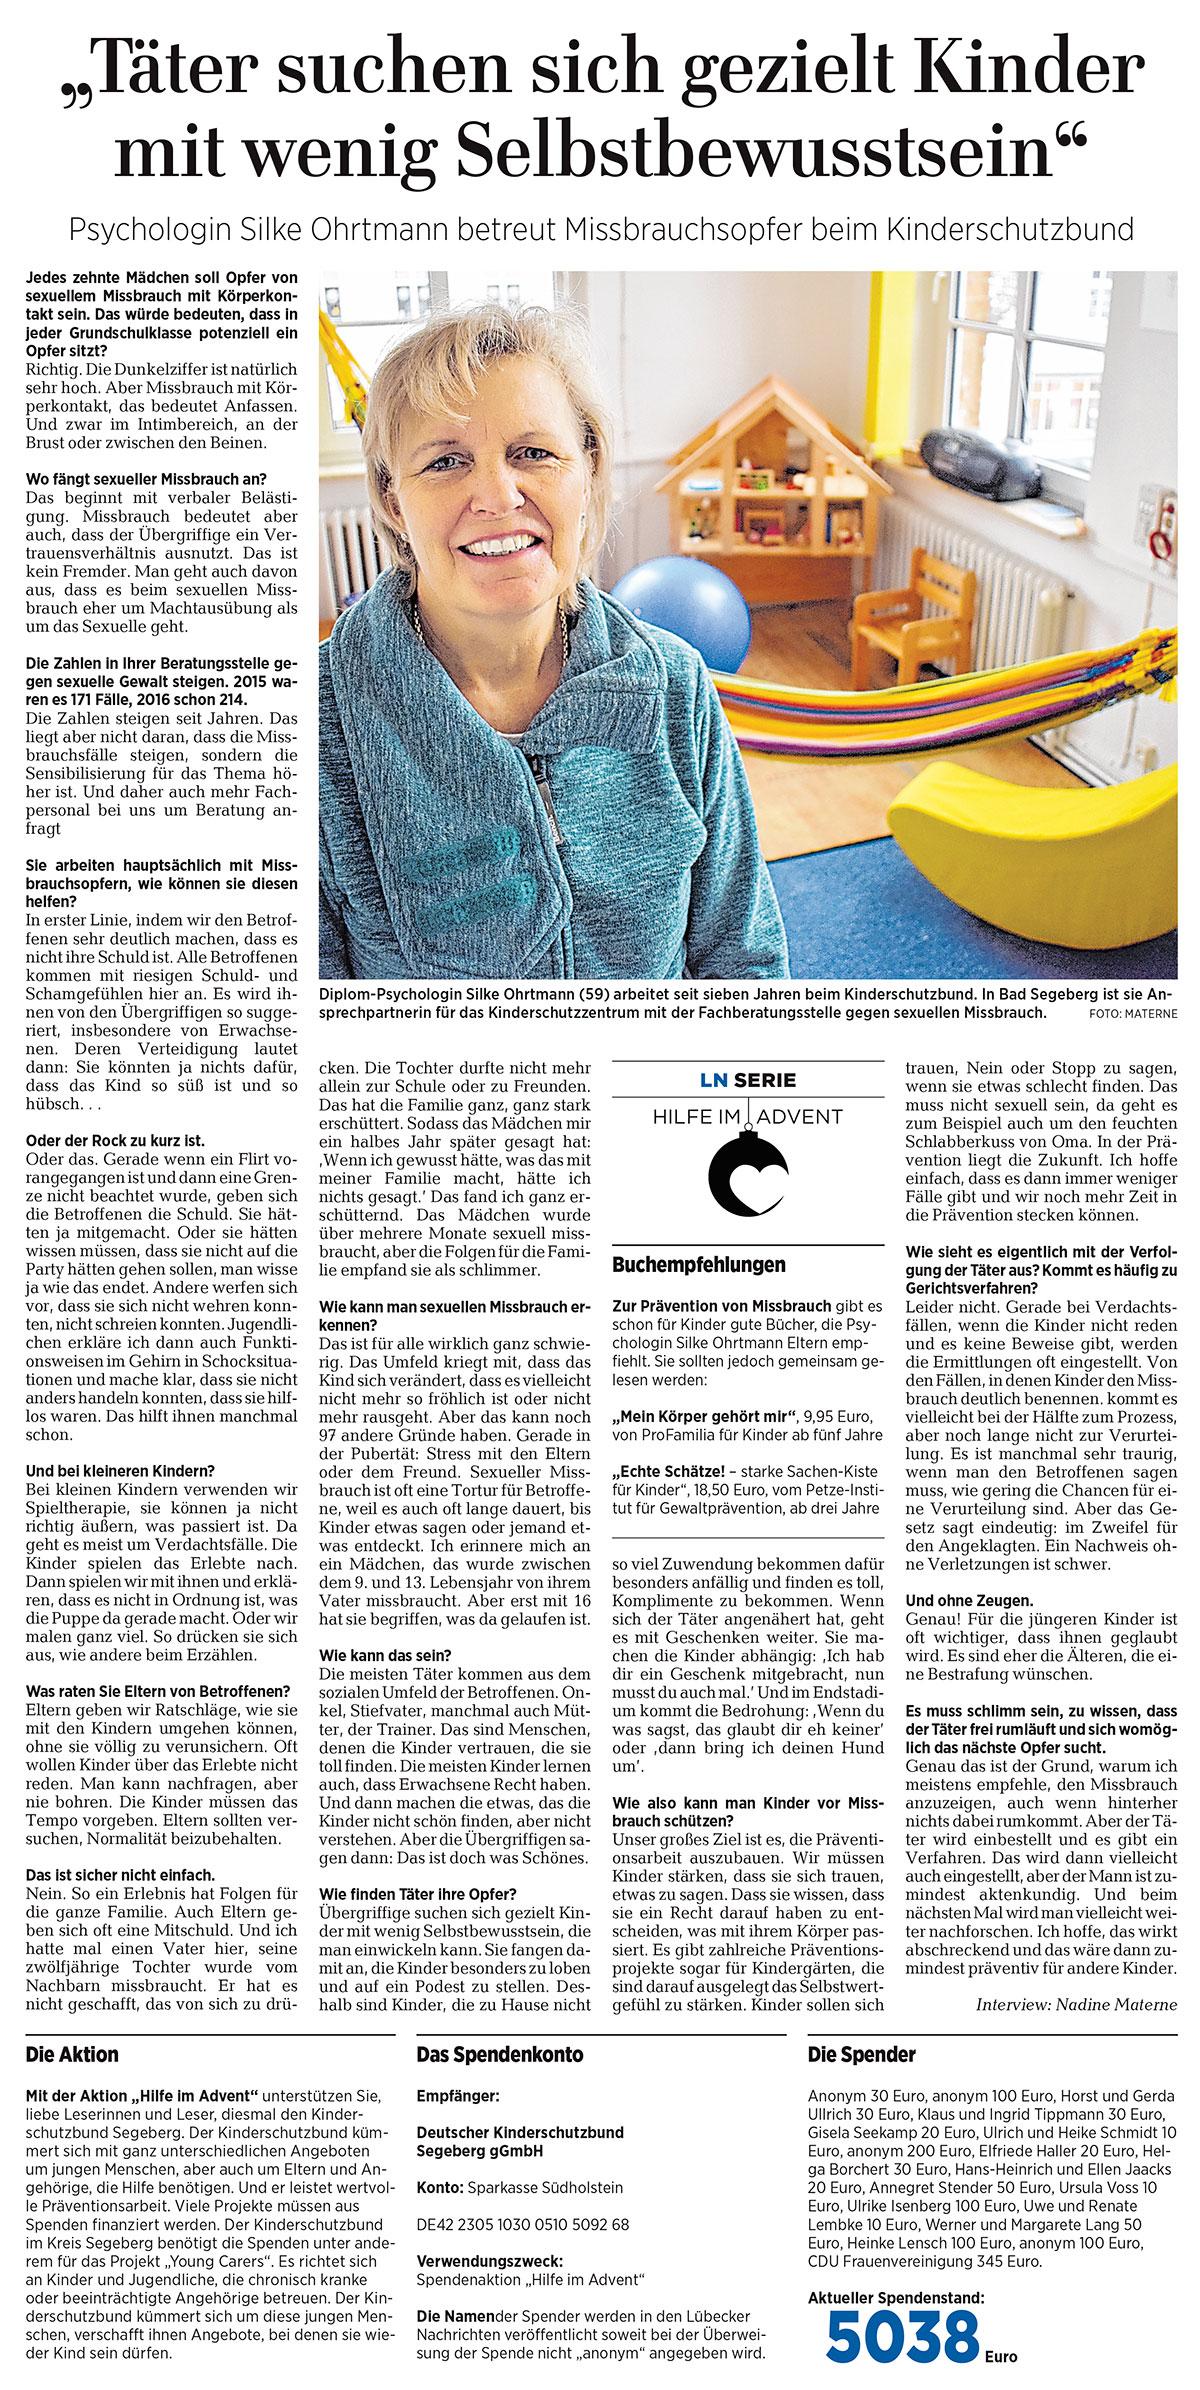 Täter suchen sich gezielt Kinder mit wenig Selbstbewusstsein